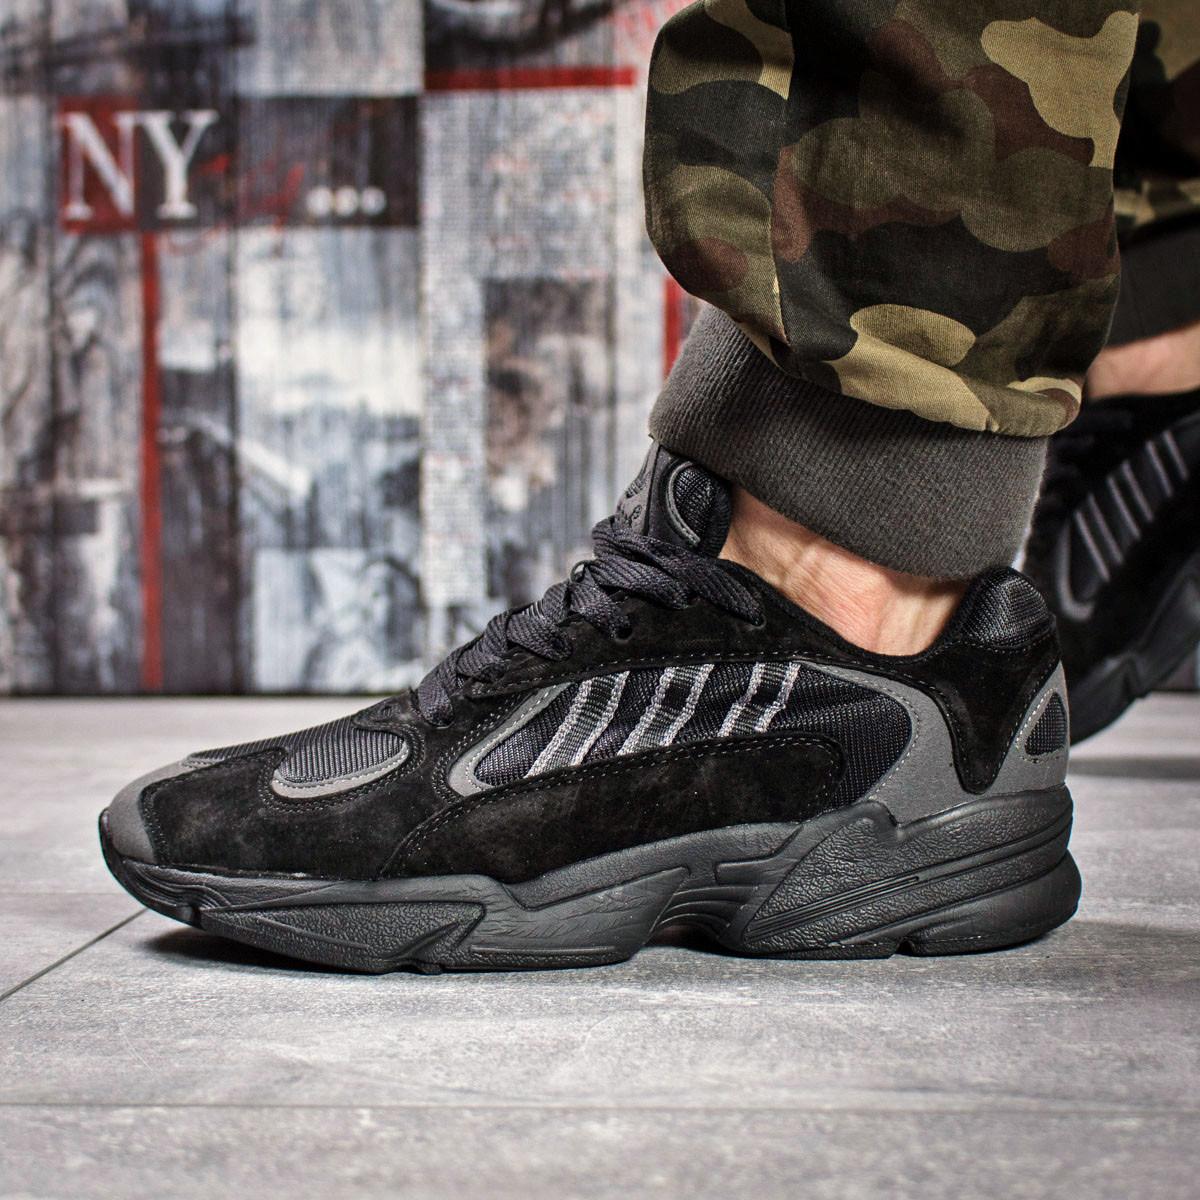 Кроссовки мужские 15931, Adidas Yung 1, черные, < 43 > р. 43-27,5см.